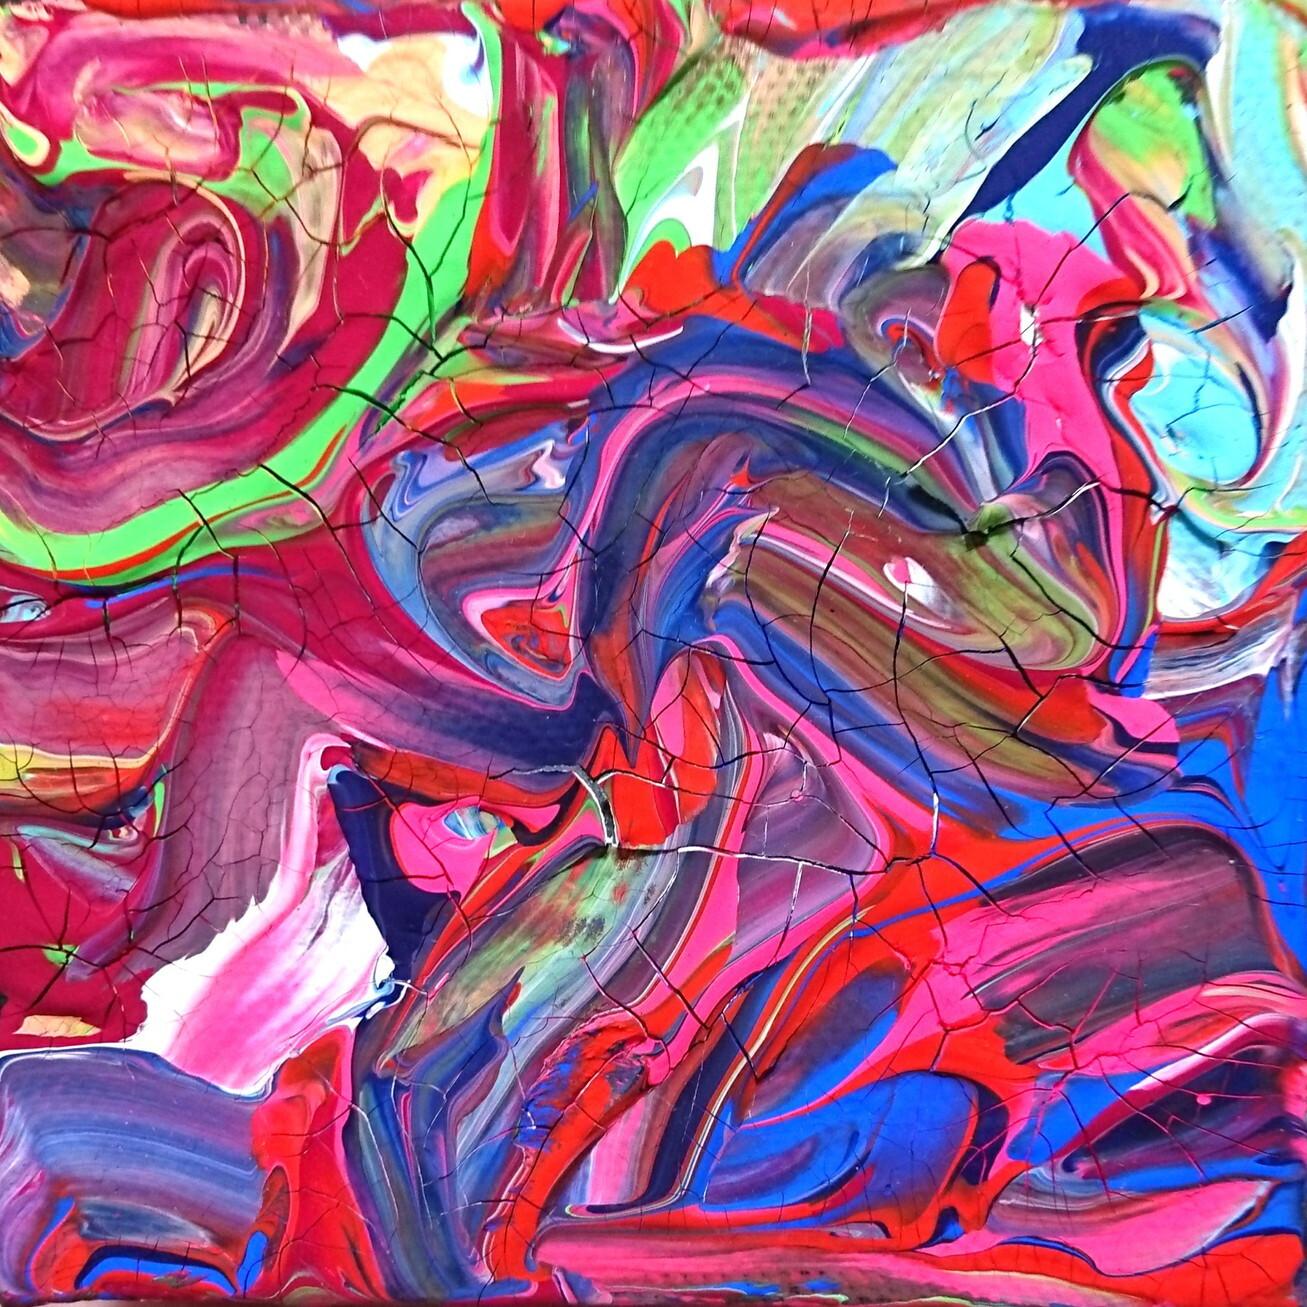 絵画 絵 ピクチャー 縁起画 モダン シェアハウス アートパネル アート art 14cm×14cm 一人暮らし 送料無料 インテリア 雑貨 壁掛け 置物 おしゃれ 現代アート 抽象画 : ごま 作品 : s01